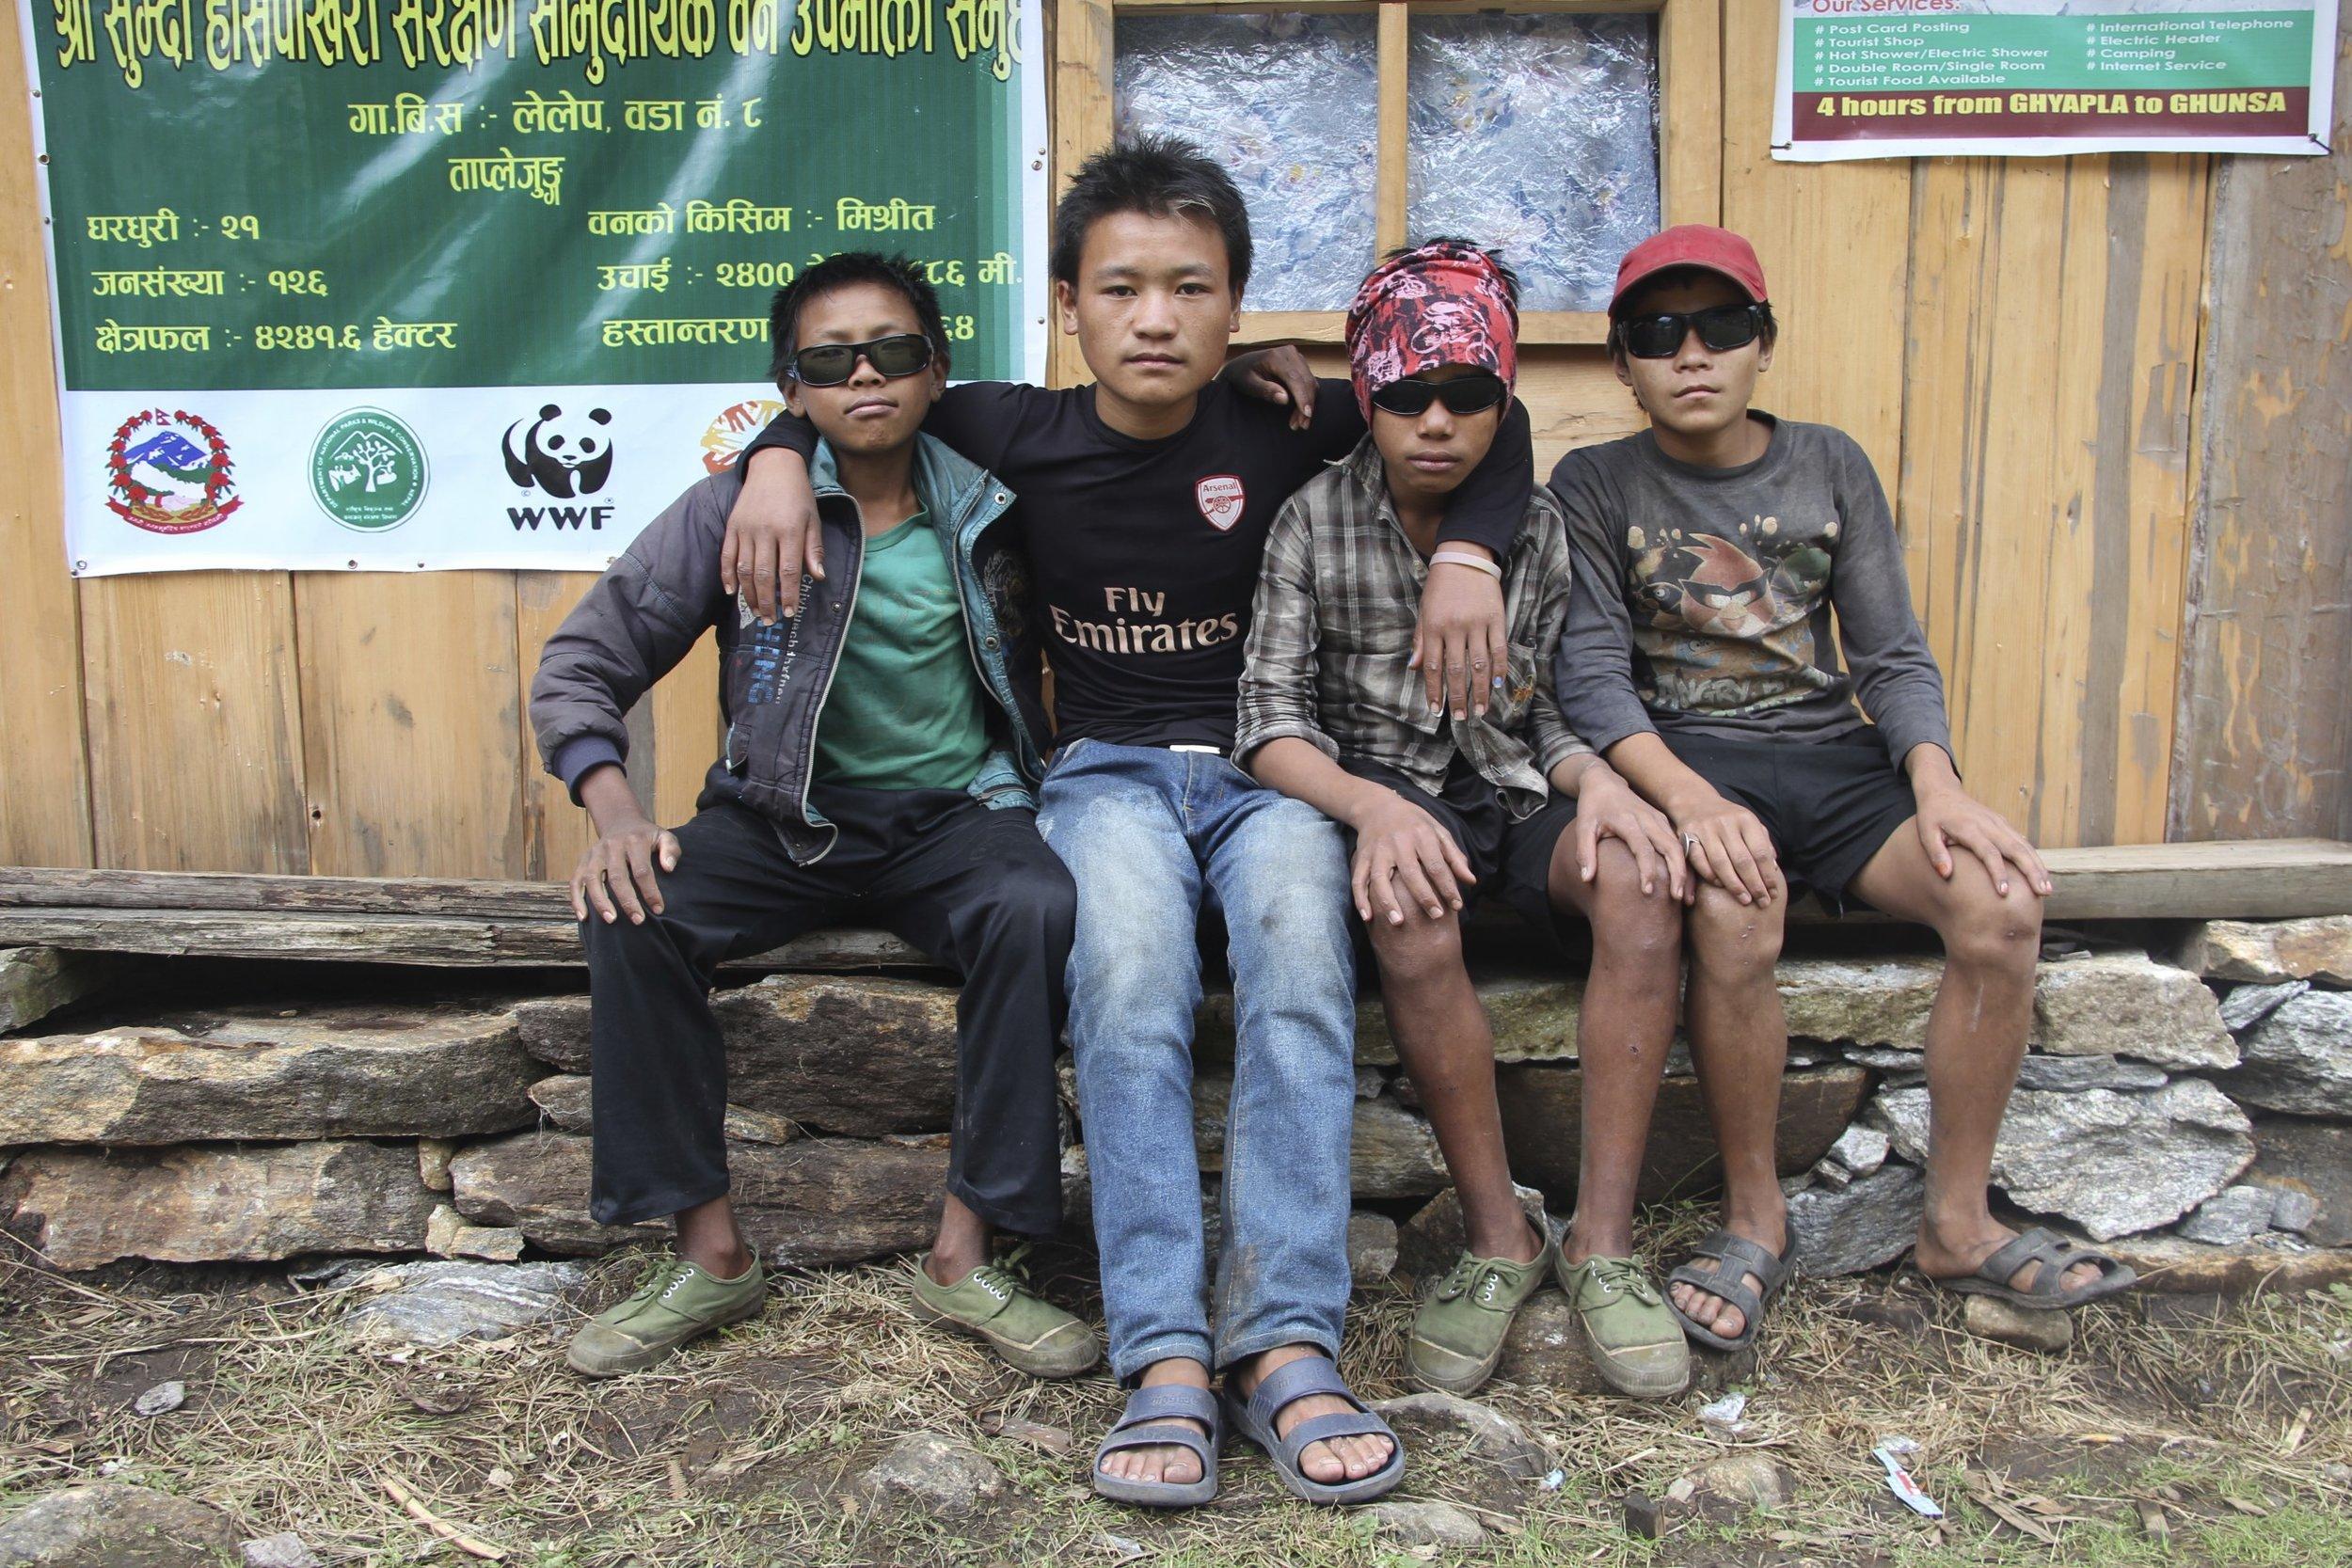 Child porters